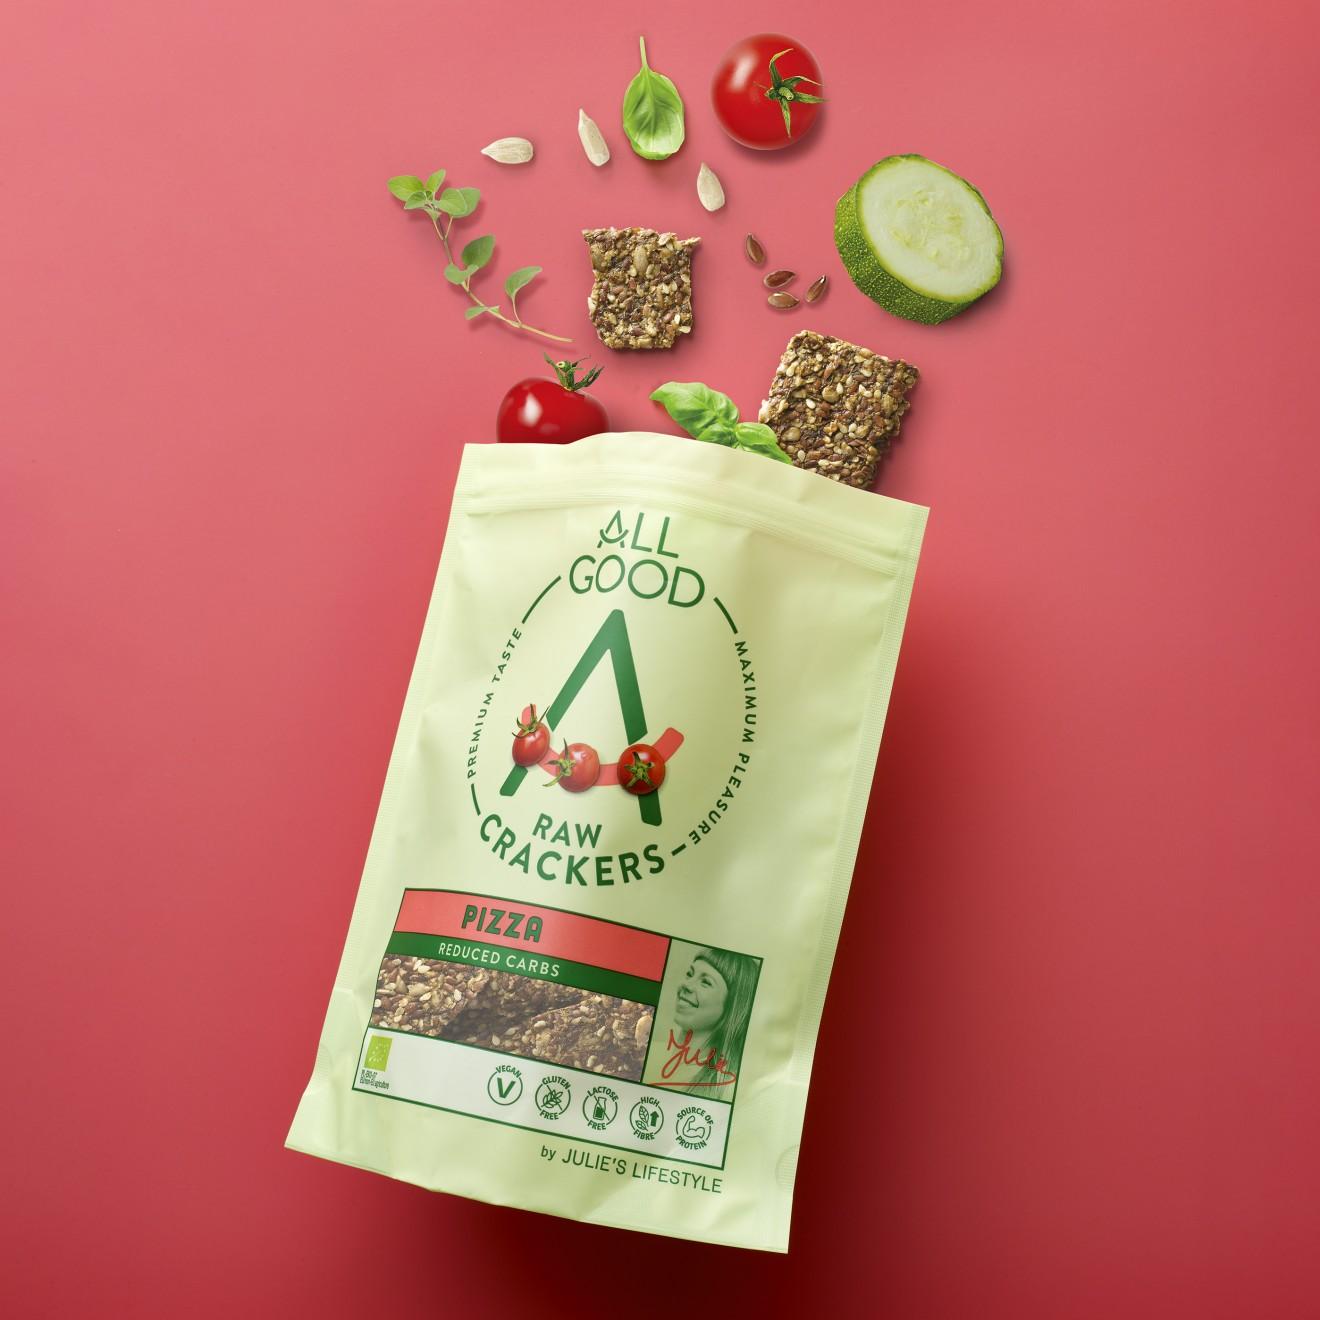 Quatre Mains package design - courgette, zucchini, tomato, basil, oregano